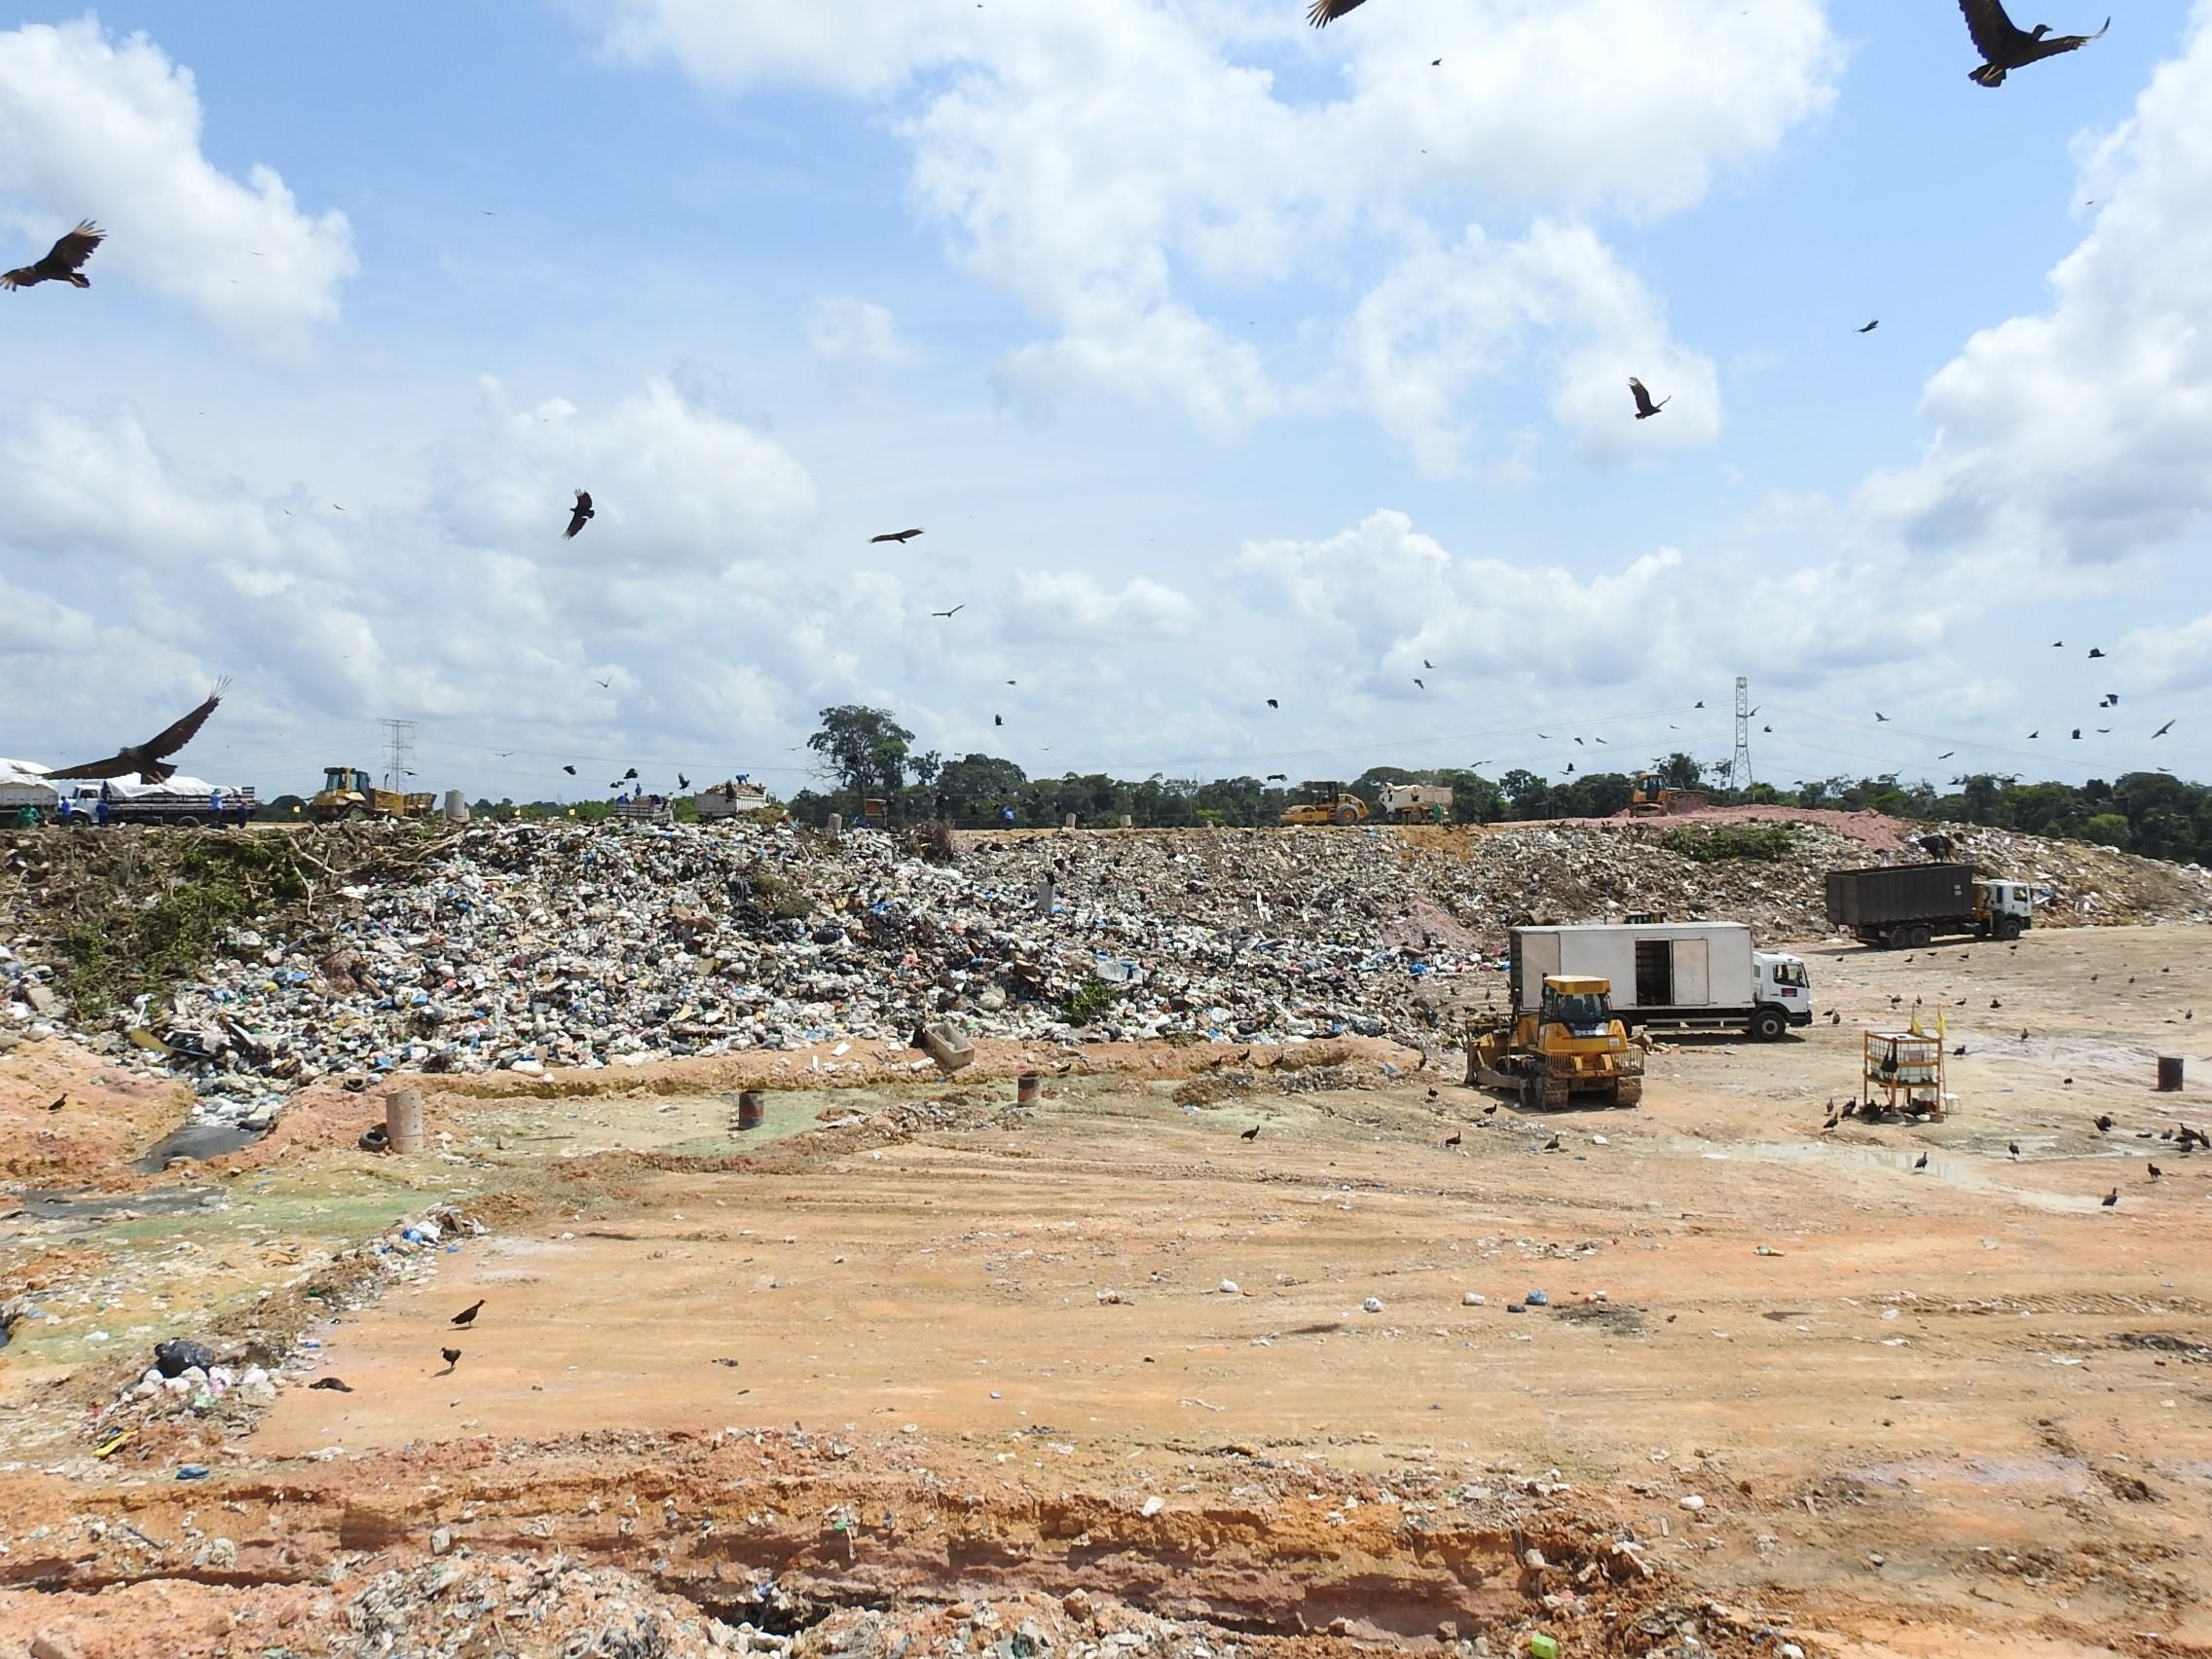 Conselheiros do TCE-AM fazem visita técnica ao aterro sanitário de Manaus - Notícias - Plantão Diário